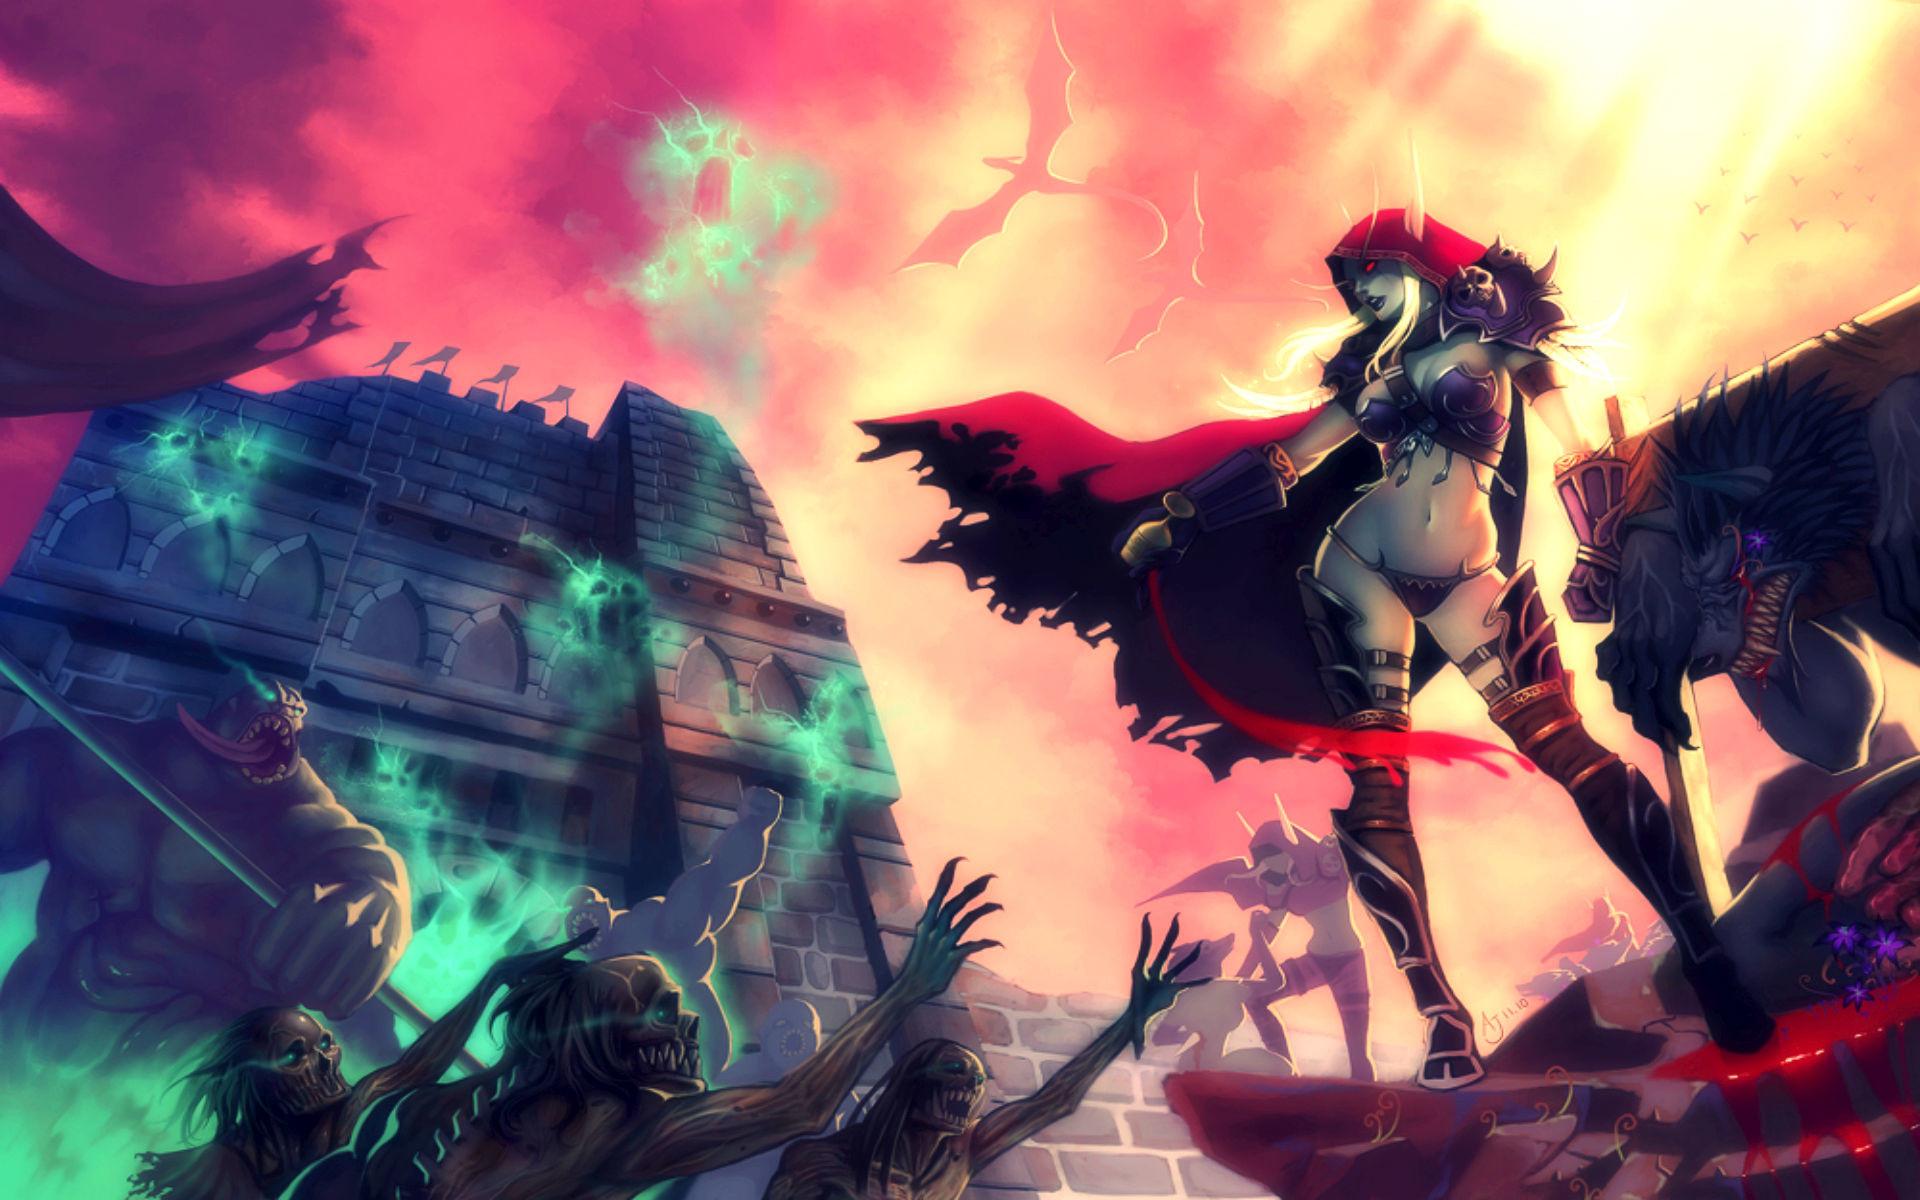 Video Game – World Of Warcraft Fantasy Warrior Creature Weapon Undead  Worgen (World Of Warcraft